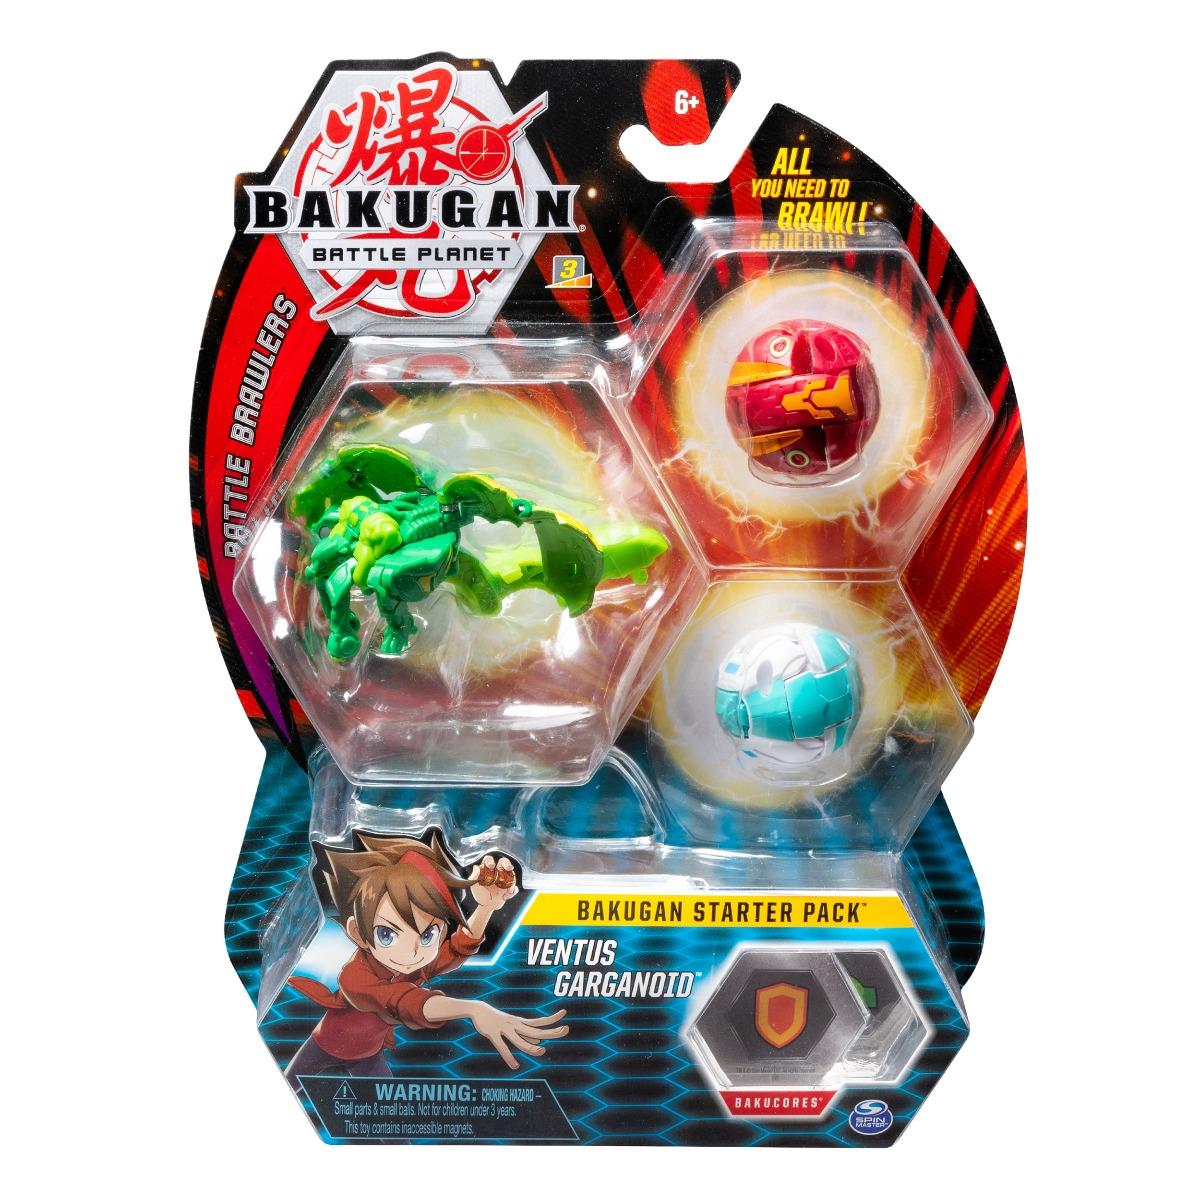 Set Bakugan Battle Planet Starter Ventus Garganoid, 20108793